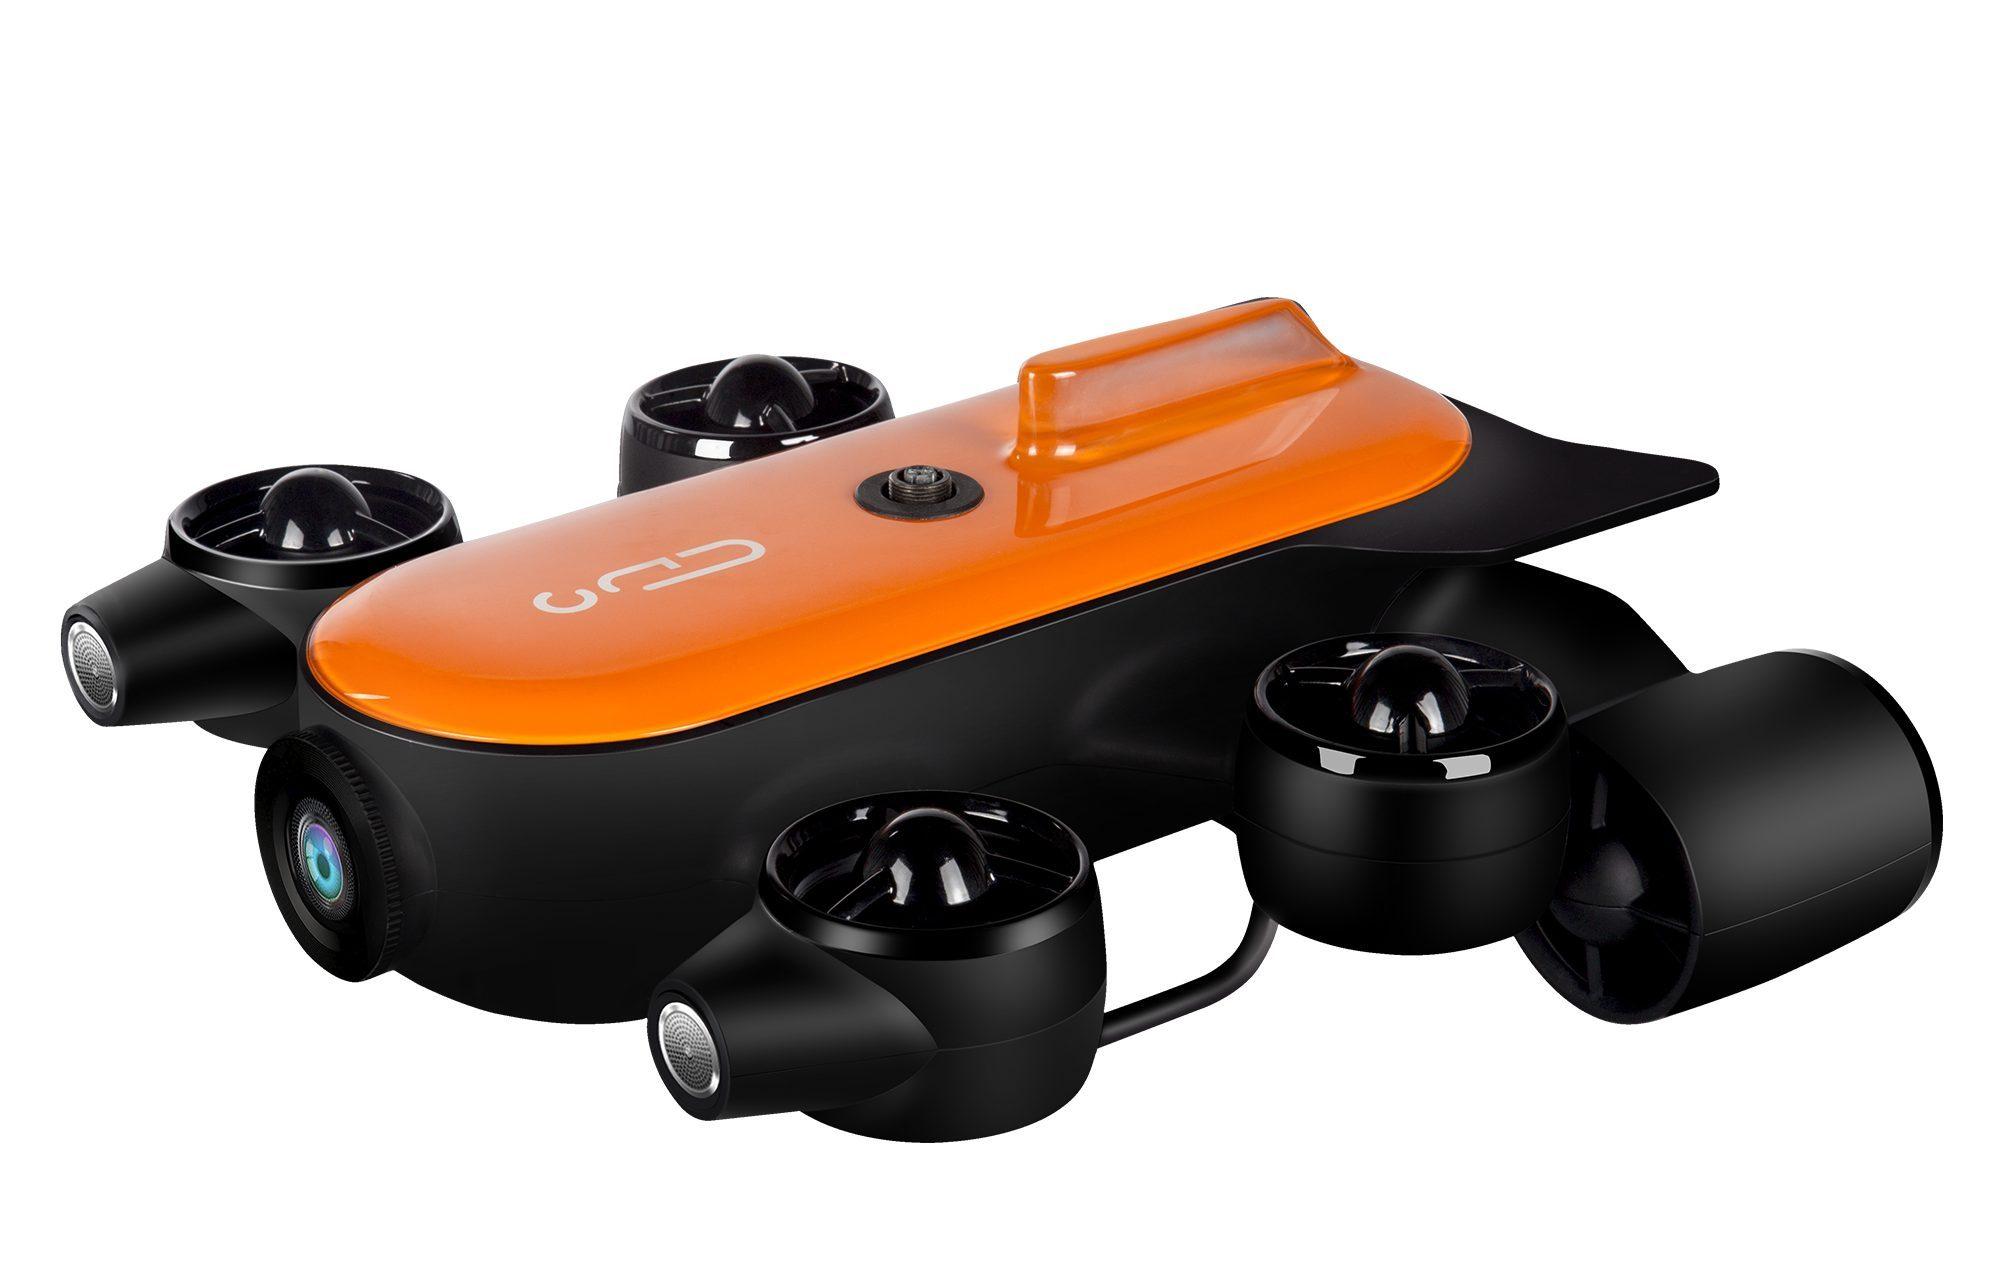 Titan Underwater Drone - Feature